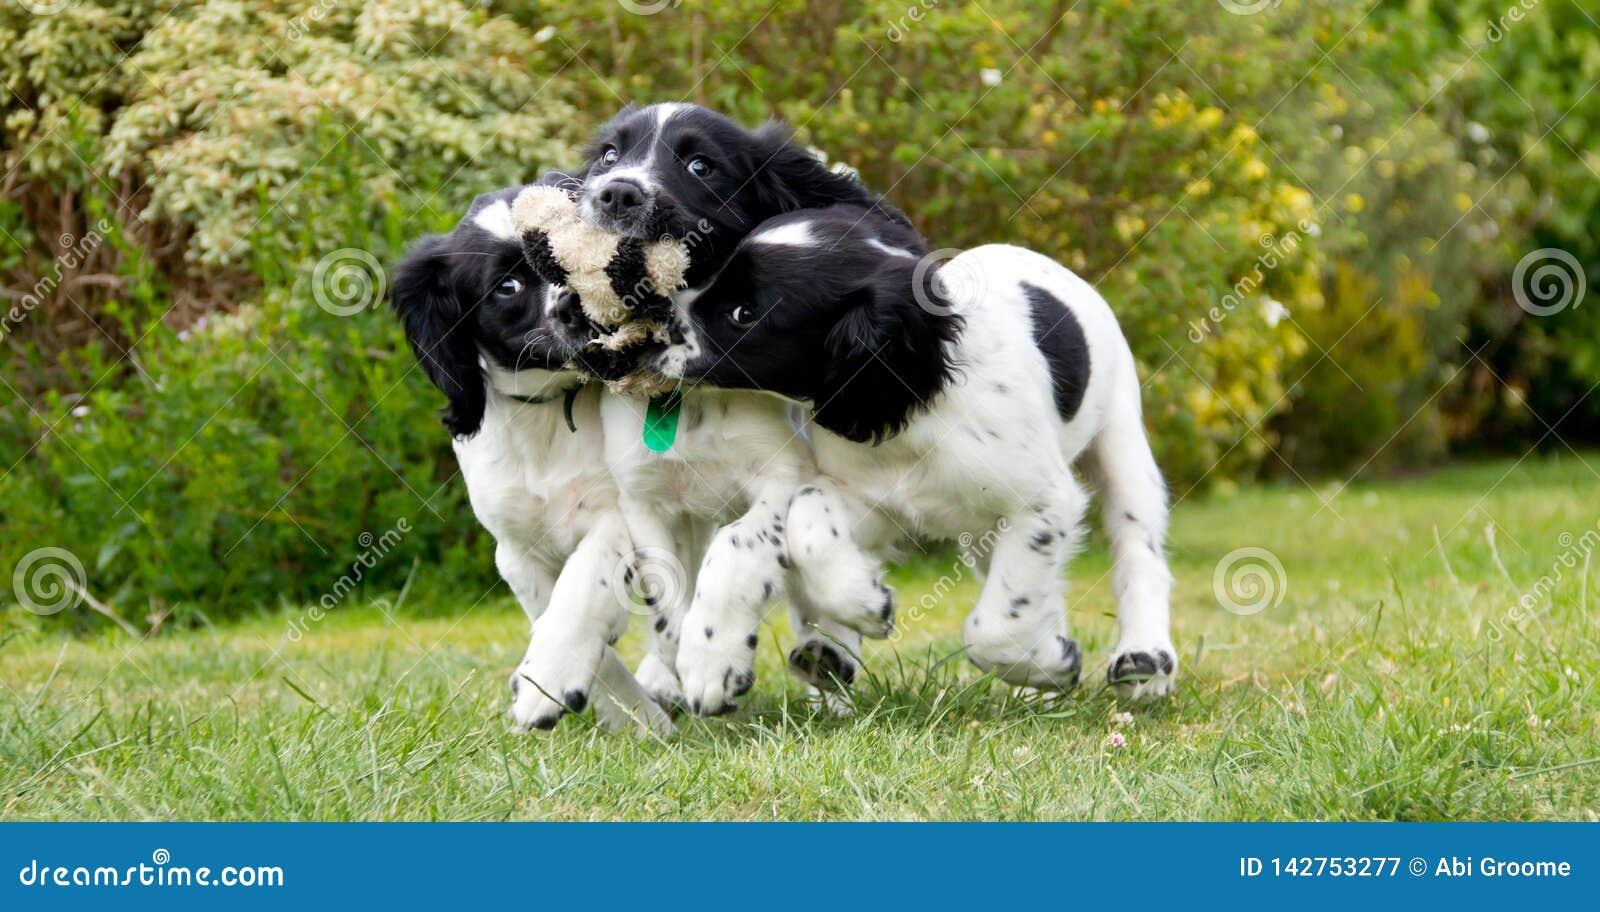 Hora del recreo del perrito, tres hermanas juegan con un juguete quebrado